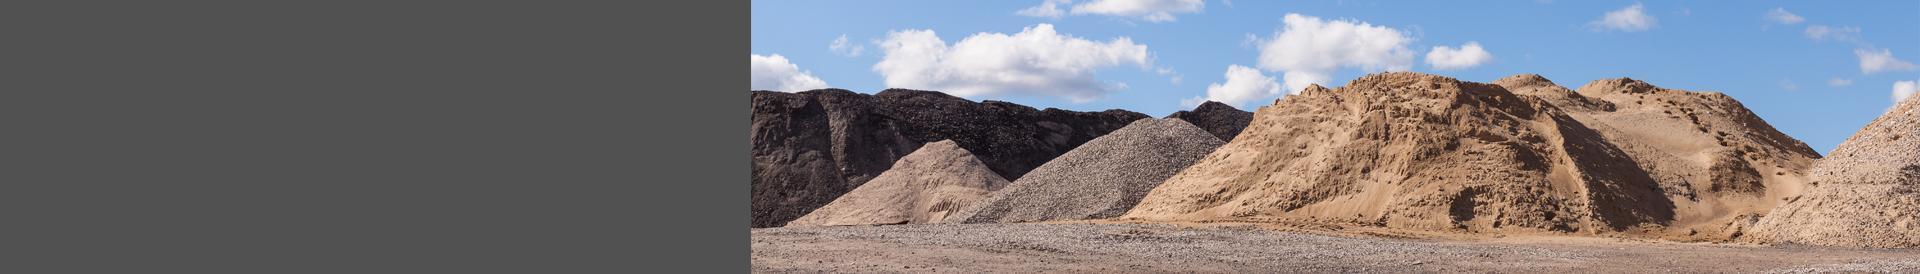 góry piaskowe